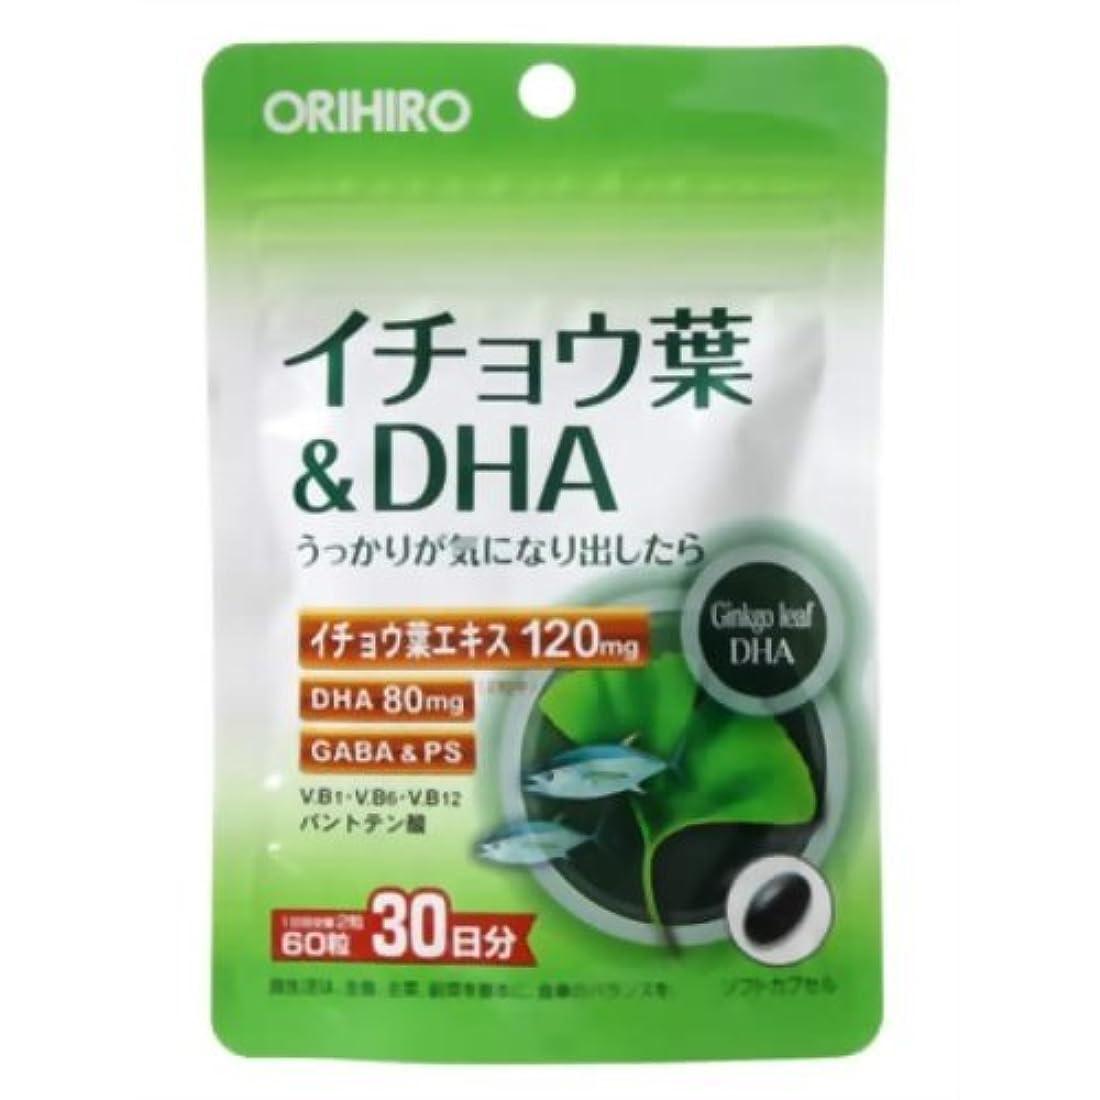 ドループ抵抗力がある謎めいたオリヒロ イチョウ葉&DHA 60粒